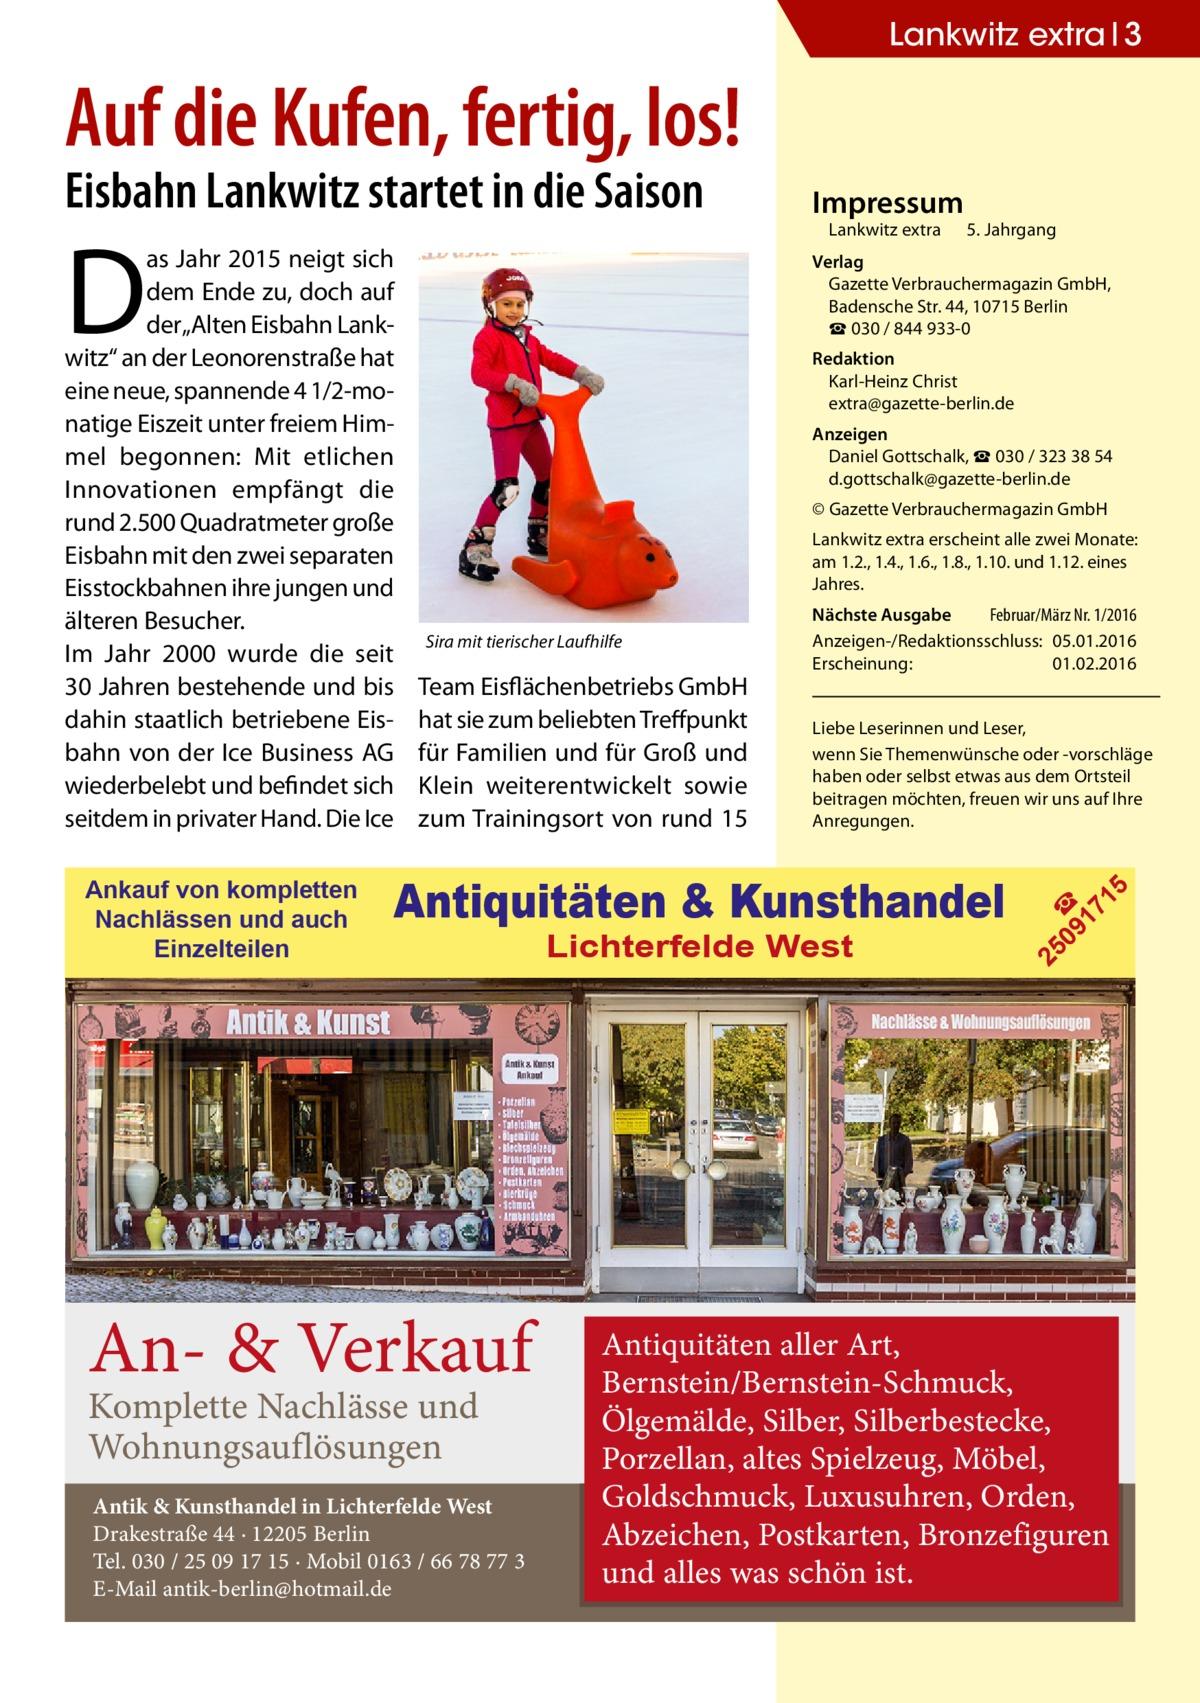 """Lankwitz extra 3  Auf die Kufen, fertig, los! Eisbahn Lankwitz startet in die Saison  D  Redaktion Karl-Heinz Christ extra@gazette-berlin.de Anzeigen Daniel Gottschalk, ☎ 030 / 323 38 54 d.gottschalk@gazette-berlin.de © Gazette Verbrauchermagazin GmbH Lankwitz extra erscheint alle zwei Monate: am 1.2., 1.4., 1.6., 1.8., 1.10. und 1.12. eines Jahres.  Team Eisflächenbetriebs GmbH hat sie zum beliebten Treffpunkt für Familien und für Groß und Klein weiterentwickelt sowie zum Trainingsort von rund 15  Nächste Ausgabe  Februar/März Nr. 1/2016 Anzeigen-/Redaktionsschluss:05.01.2016 Erscheinung:01.02.2016 Liebe Leserinnen und Leser, wenn Sie Themenwünsche oder -vorschläge haben oder selbst etwas aus dem Ortsteil beitragen möchten, freuen wir uns auf Ihre Anregungen.  Antiquitäten & Kunsthandel  An- & Verkauf Komplette Nachlässe und Wohnungsauflösungen  Antik & Kunsthandel in Lichterfelde West Drakestraße 44 · 12205 Berlin Tel. 030 / 25 09 17 15 · Mobil 0163 / 66 78 77 3 E-Mail antik-berlin@hotmail.de  Lichterfelde West  5  Sira mit tierischer Laufhilfe  09 ☎ 17 1  Ankauf von kompletten Nachlässen und auch Einzelteilen  Lankwitz extra  5. Jahrgang  Verlag Gazette Verbrauchermagazin GmbH, BadenscheStr.44, 10715Berlin ☎ 030 / 844 933-0  25  as Jahr 2015 neigt sich dem Ende zu, doch auf der """"Alten Eisbahn Lankwitz"""" an der Leonorenstraße hat eine neue, spannende 41/2-monatige Eiszeit unter freiem Himmel begonnen: Mit etlichen Innovationen empfängt die rund 2.500 Quadratmeter große Eisbahn mit den zwei separaten Eisstockbahnen ihre jungen und älteren Besucher. Im Jahr 2000 wurde die seit 30Jahren bestehende und bis dahin staatlich betriebene Eisbahn von der Ice Business AG wiederbelebt und befindet sich seitdem in privater Hand. Die Ice  Impressum  Antiquitäten aller Art, Bernstein/Bernstein-Schmuck, Ölgemälde, Silber, Silberbestecke, Porzellan, altes Spielzeug, Möbel, Goldschmuck, Luxusuhren, Orden, Abzeichen, Postkarten, Bronzefiguren und alles was schön ist."""